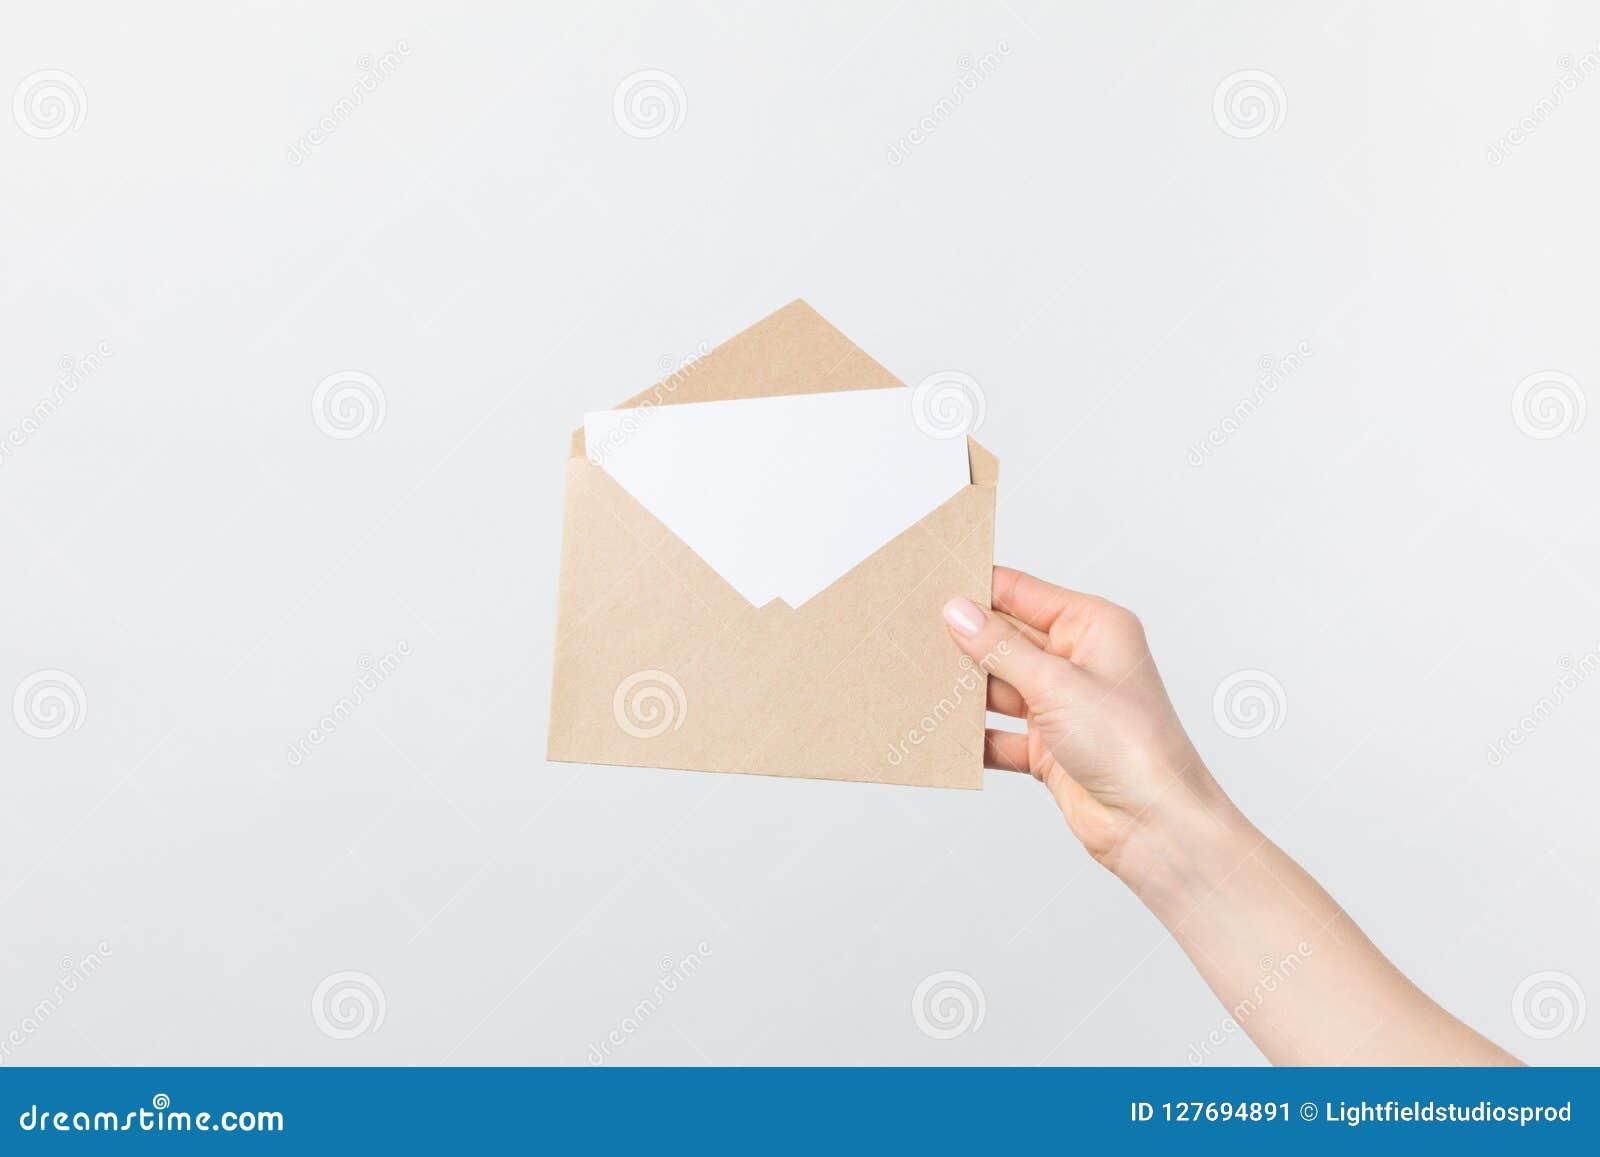 Teilweise Ansicht der Frau Kraftpapier-Umschlag mit leerer Karte auf Weiß in der Hand halten